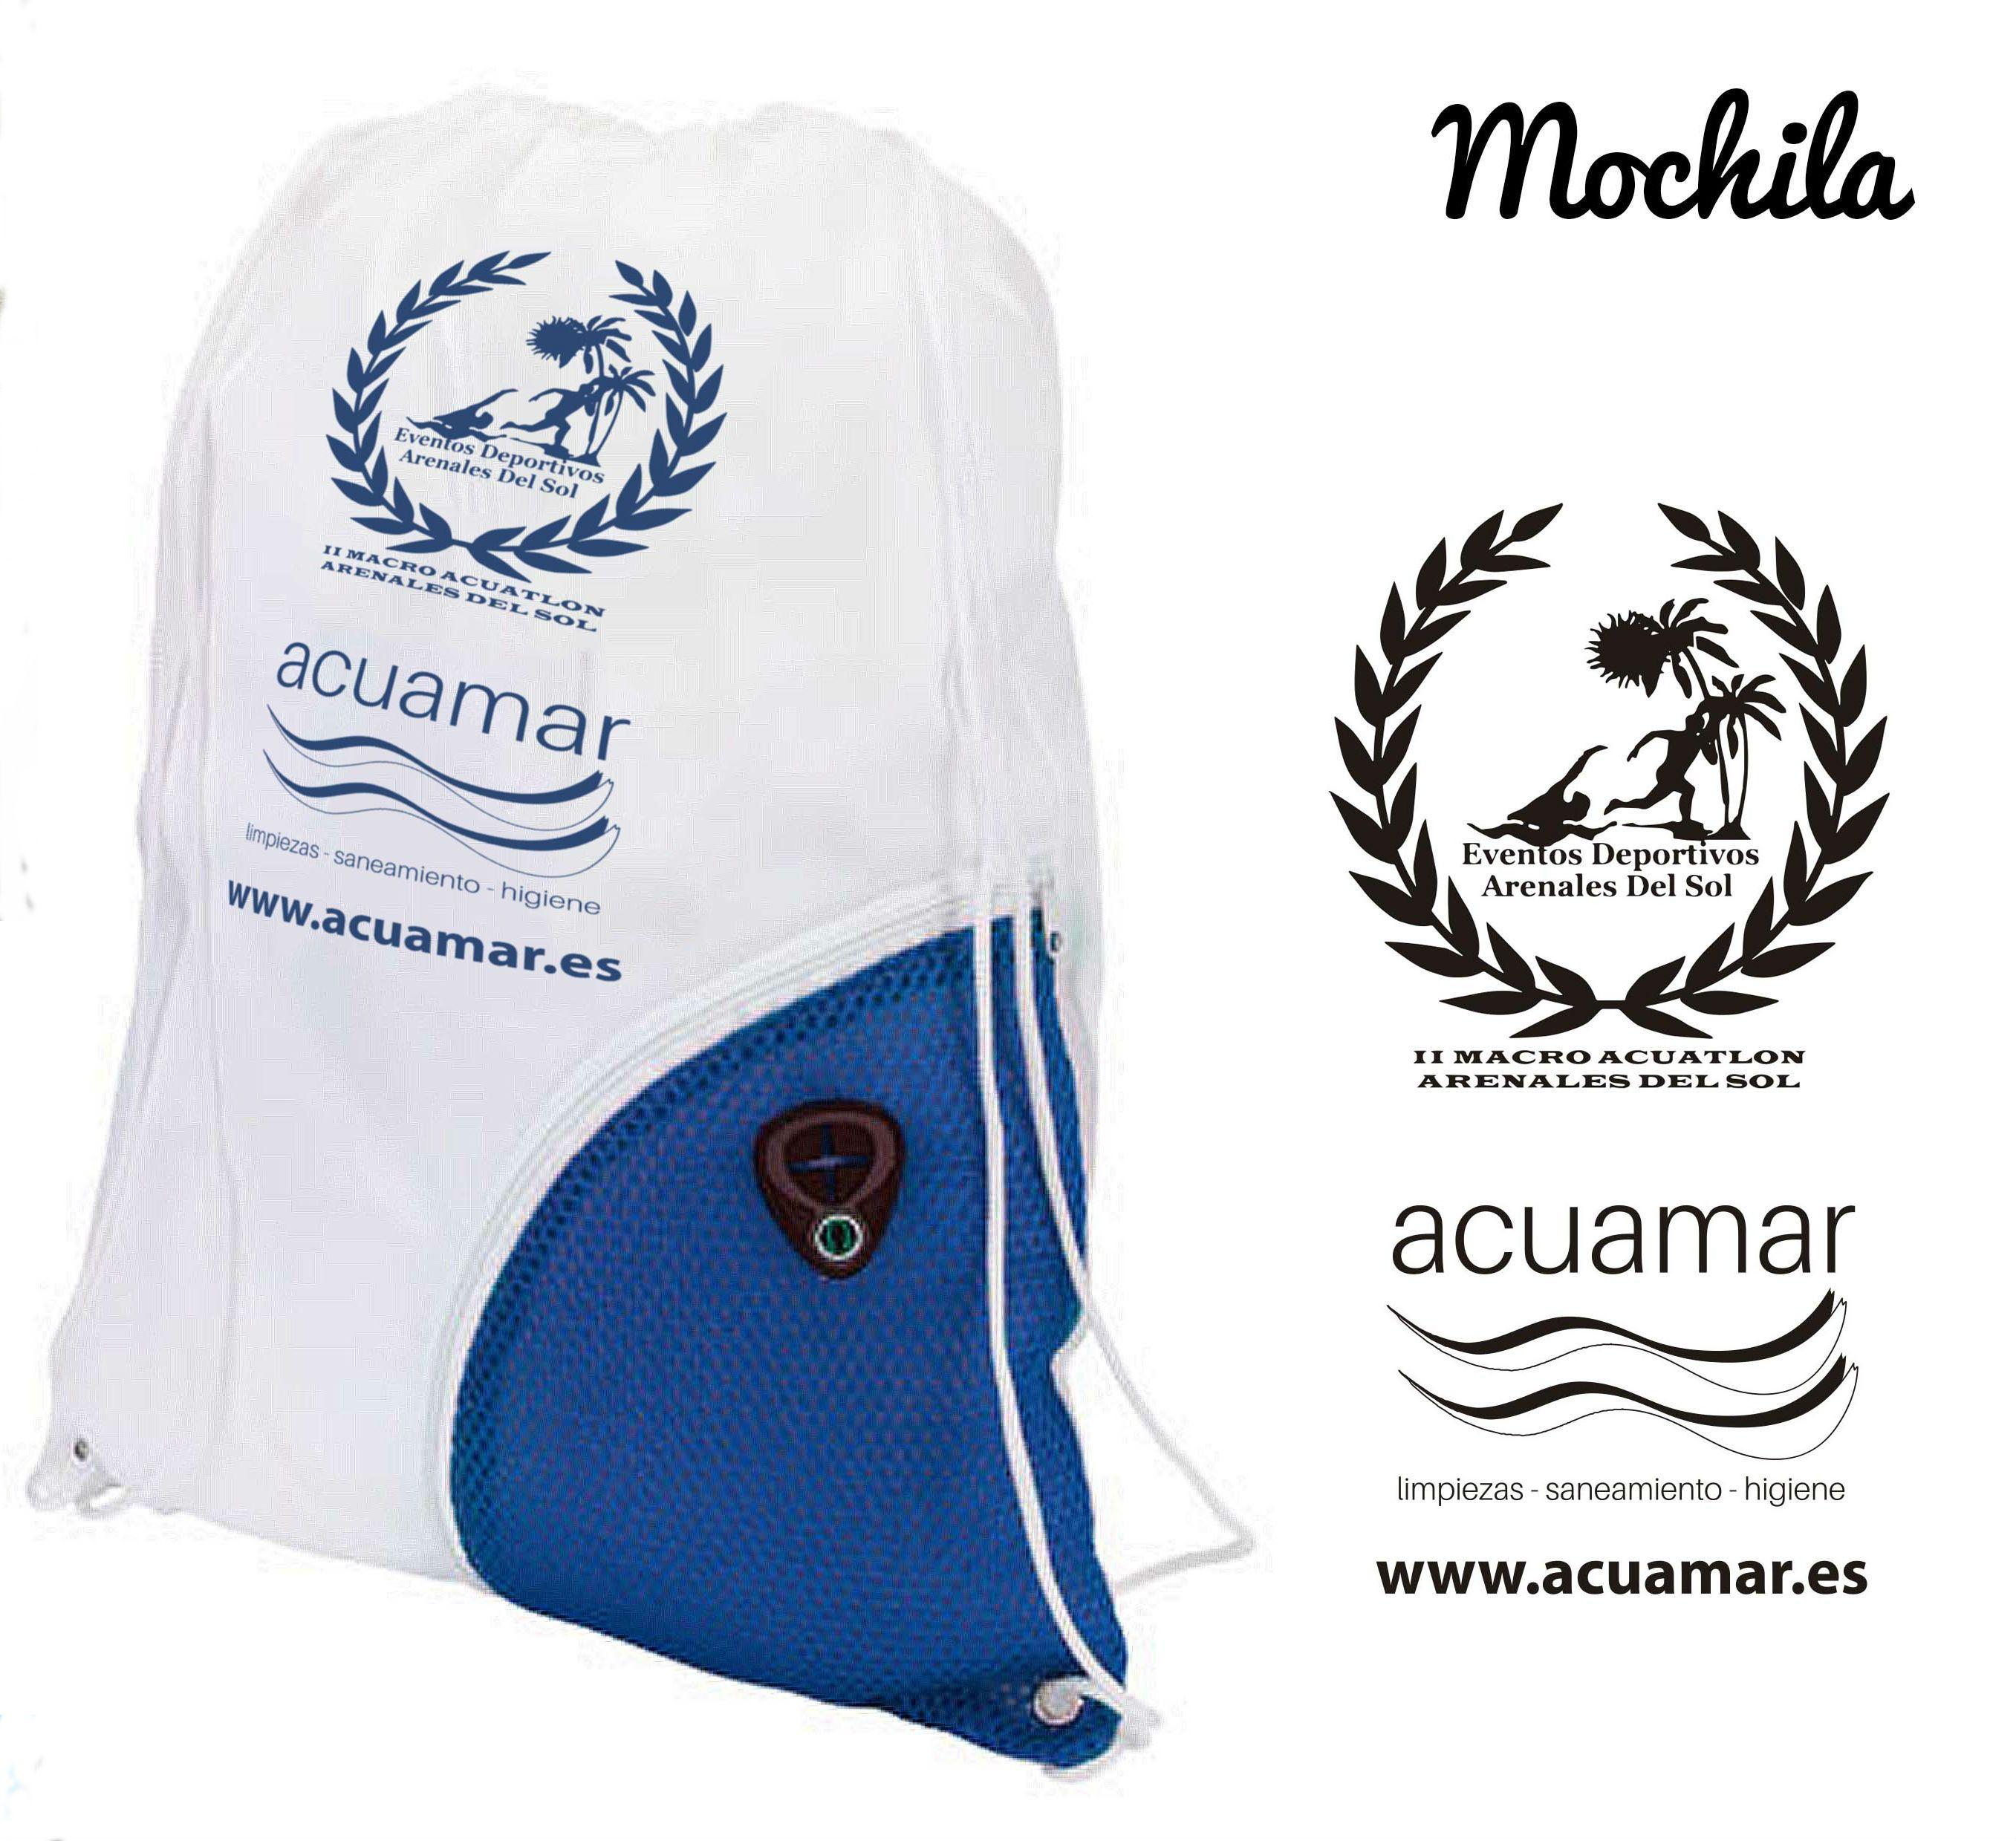 Colaborando con el deporte. II MACRO ACUATLON ARENALES DEL SOL. 21-05-15